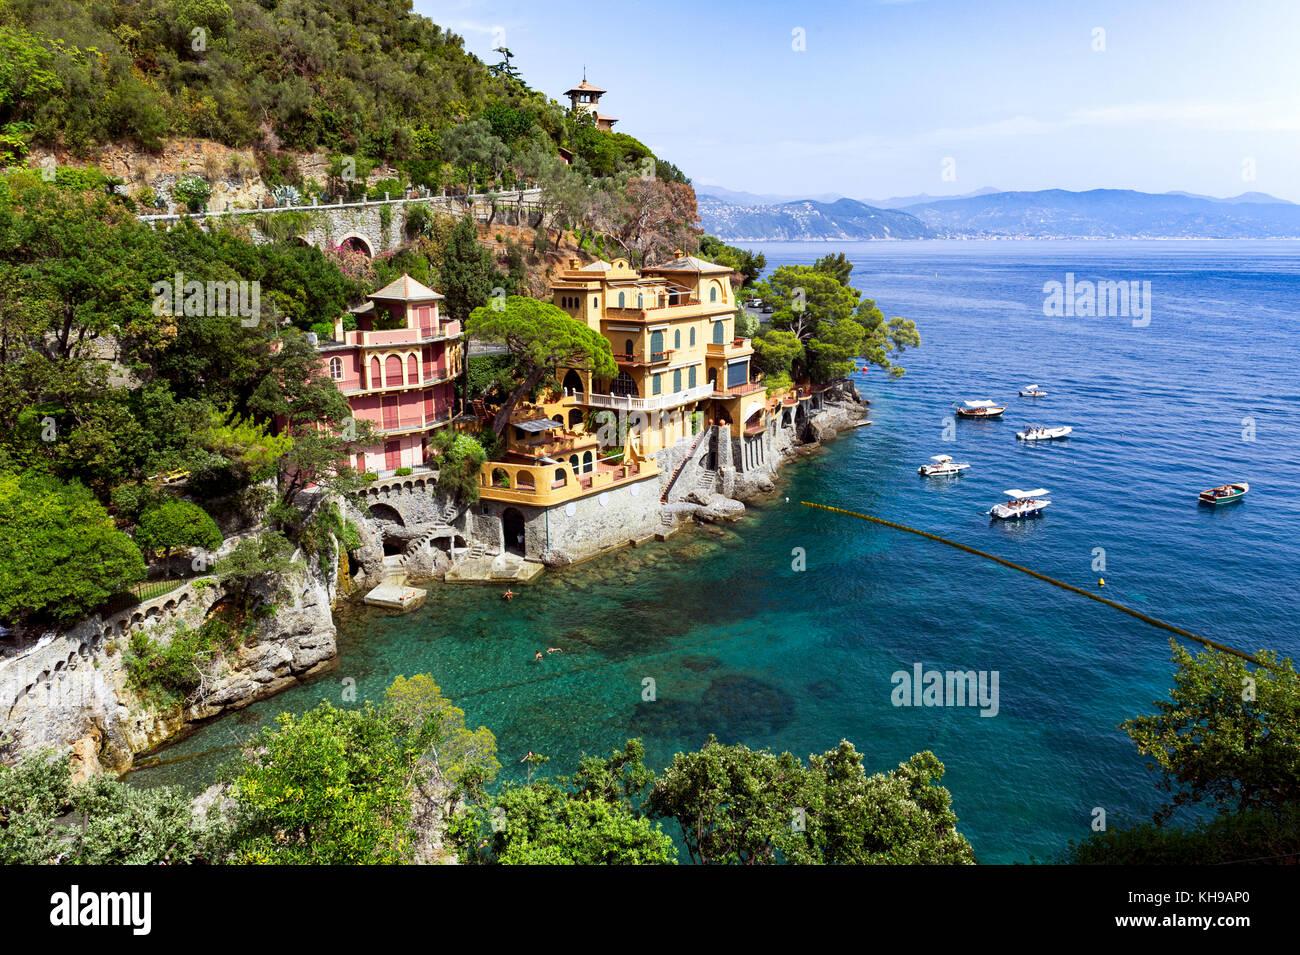 Italy. Liguria. Gulf of Tigullio, Italian Riviera. Portofino. The Ligurian Coast. Villa overlooking the sea Stock Photo